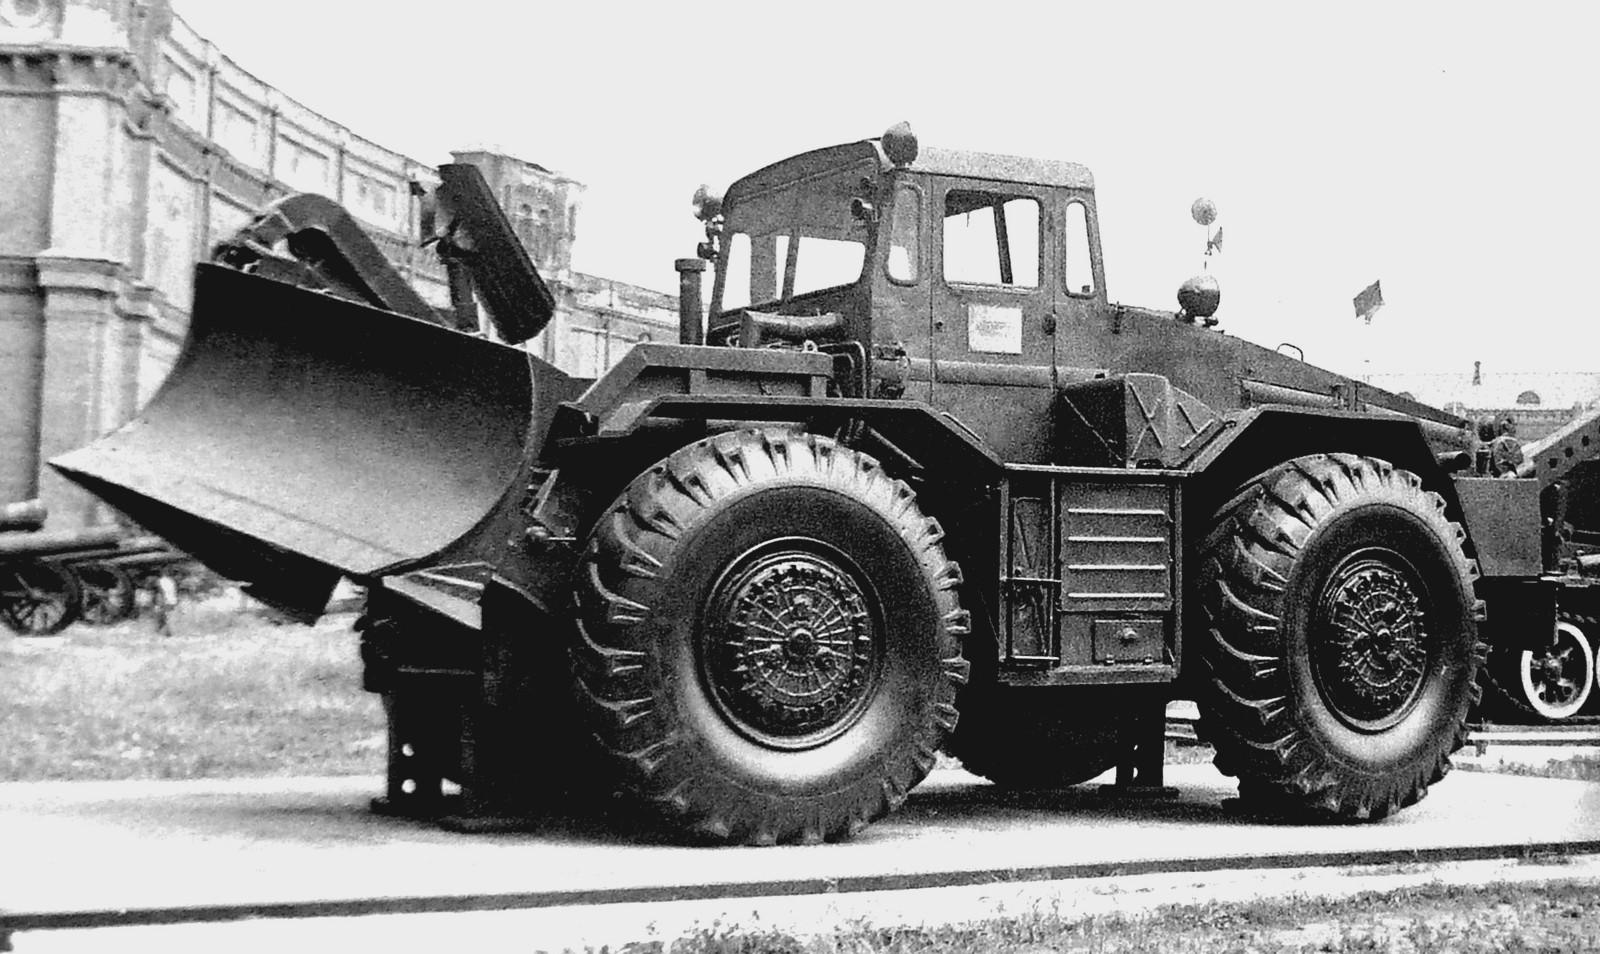 Тягач МАЗ-538 с передними управляемыми колесами и задним отвалом (фото автора)